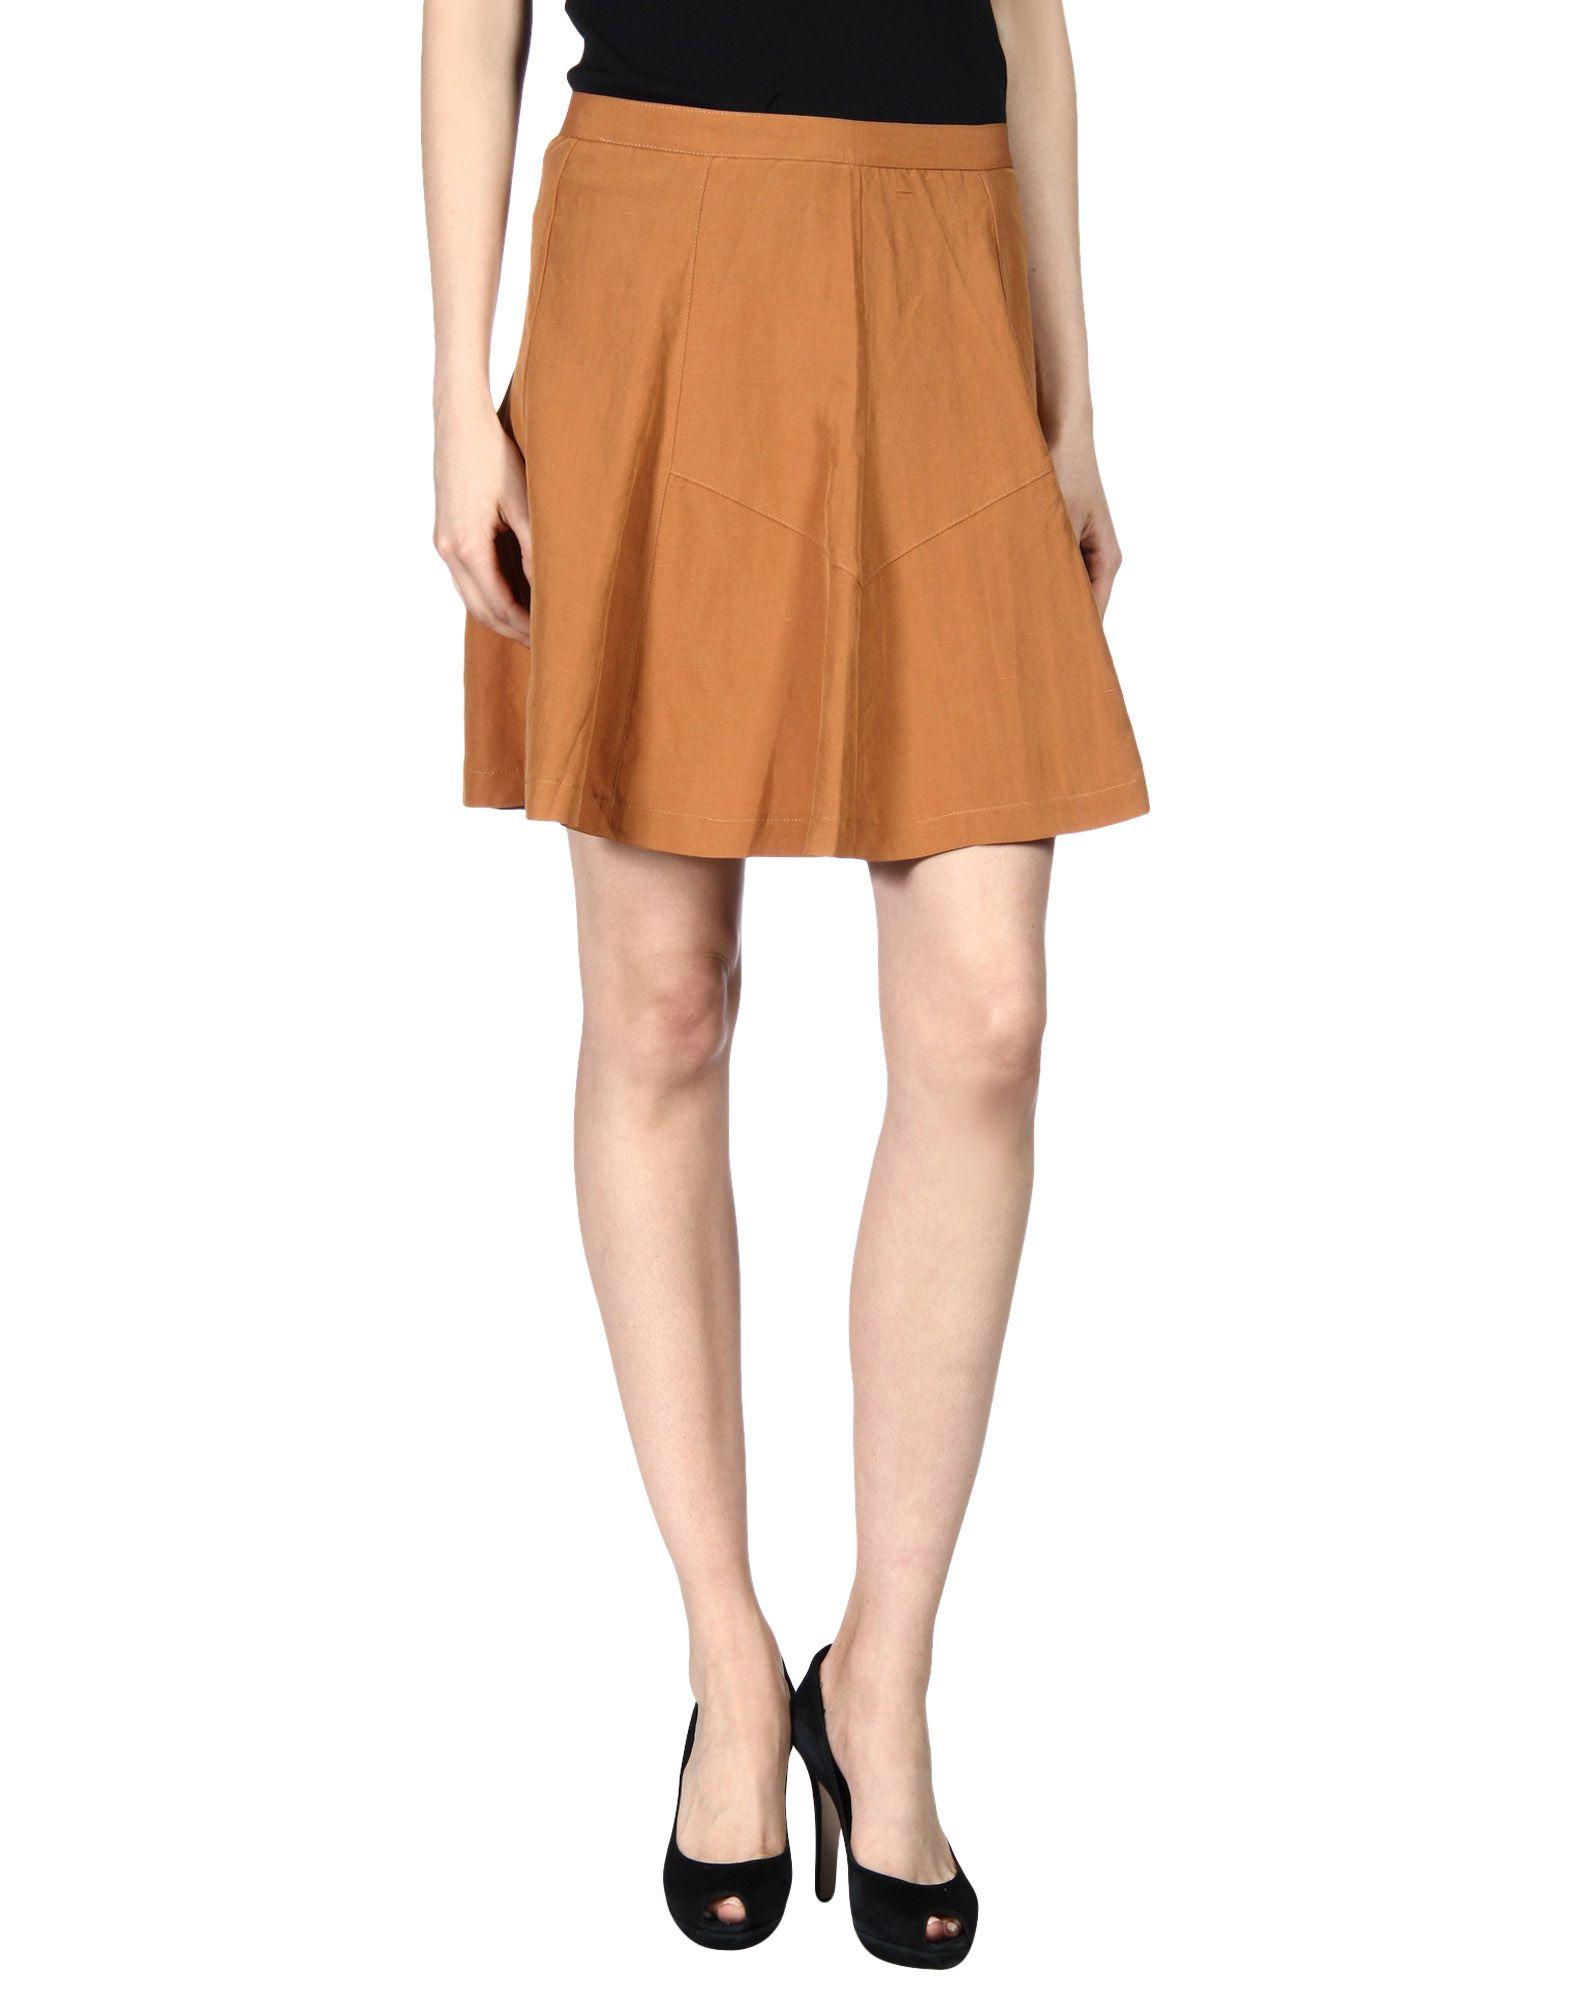 KAIN Knee Length Skirt in Tan